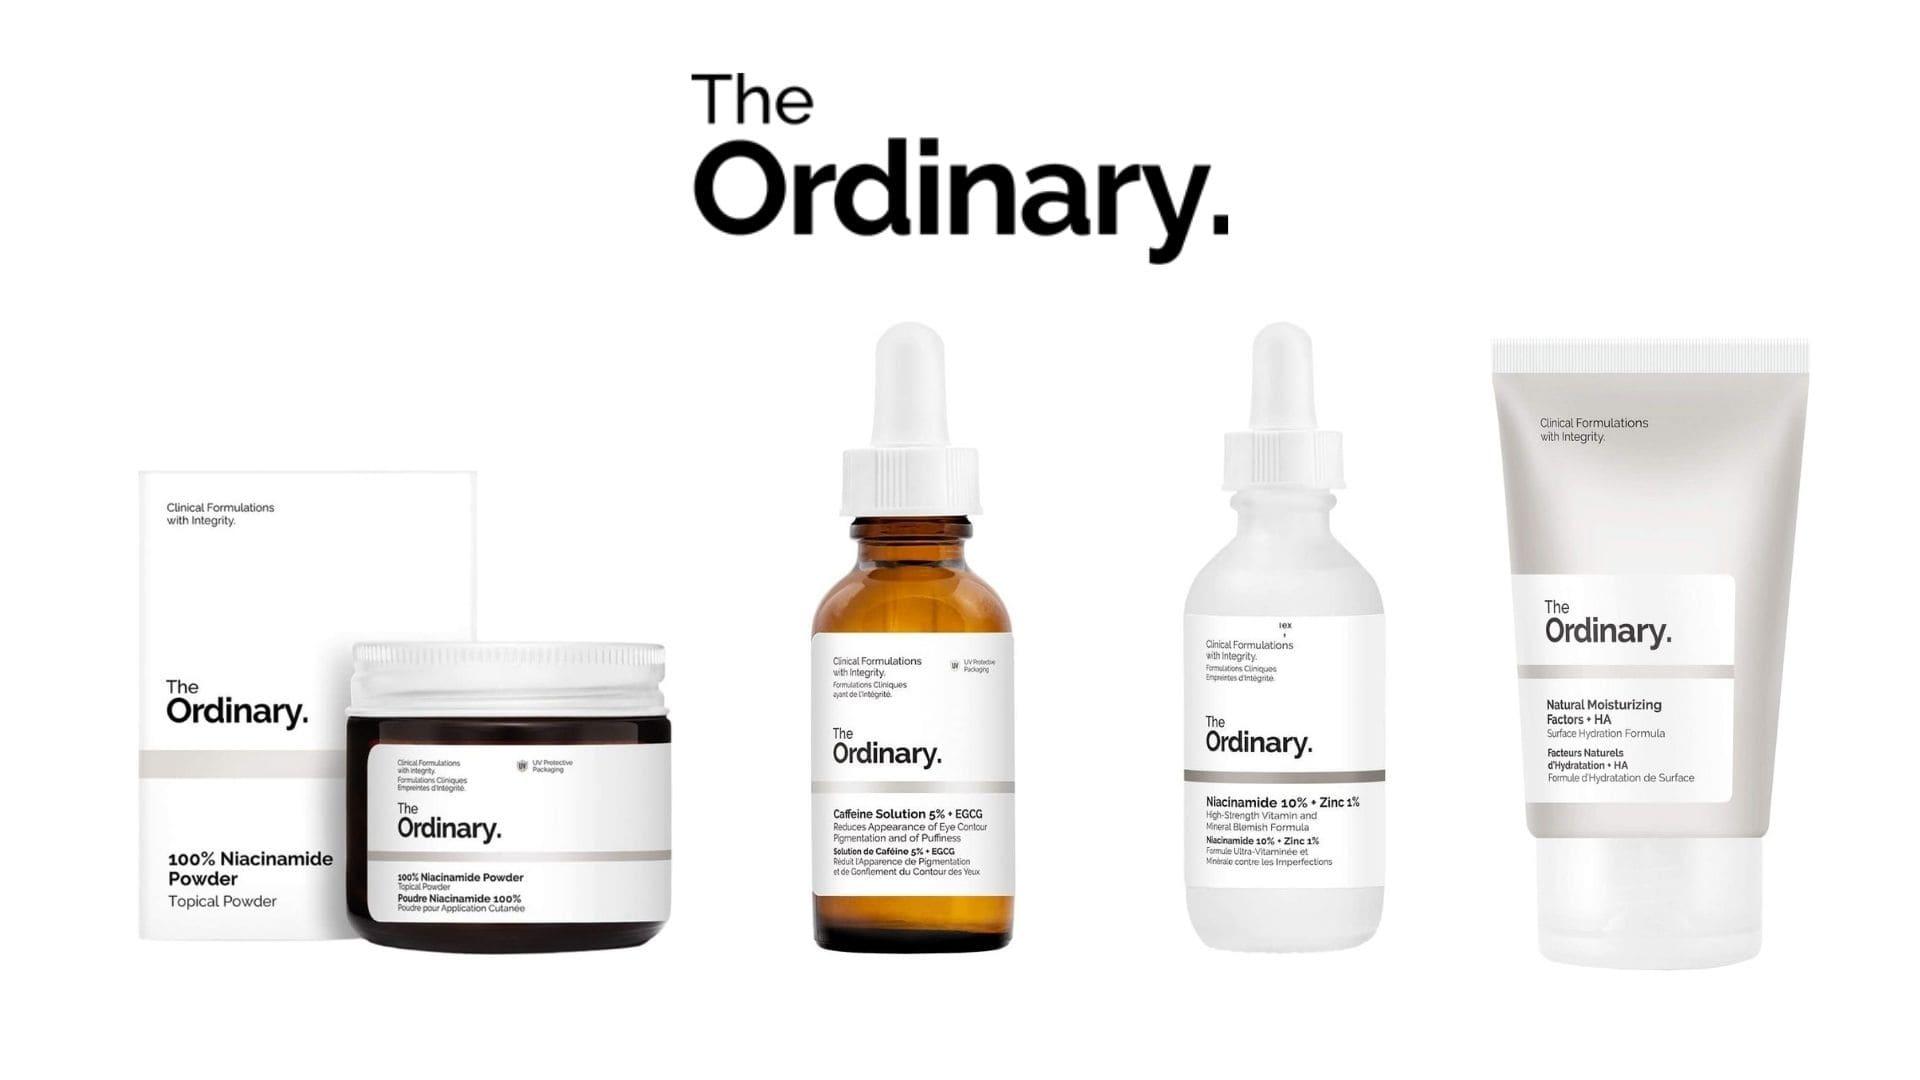 The-Ordinary-Espana-cosmetica-farmaceutica